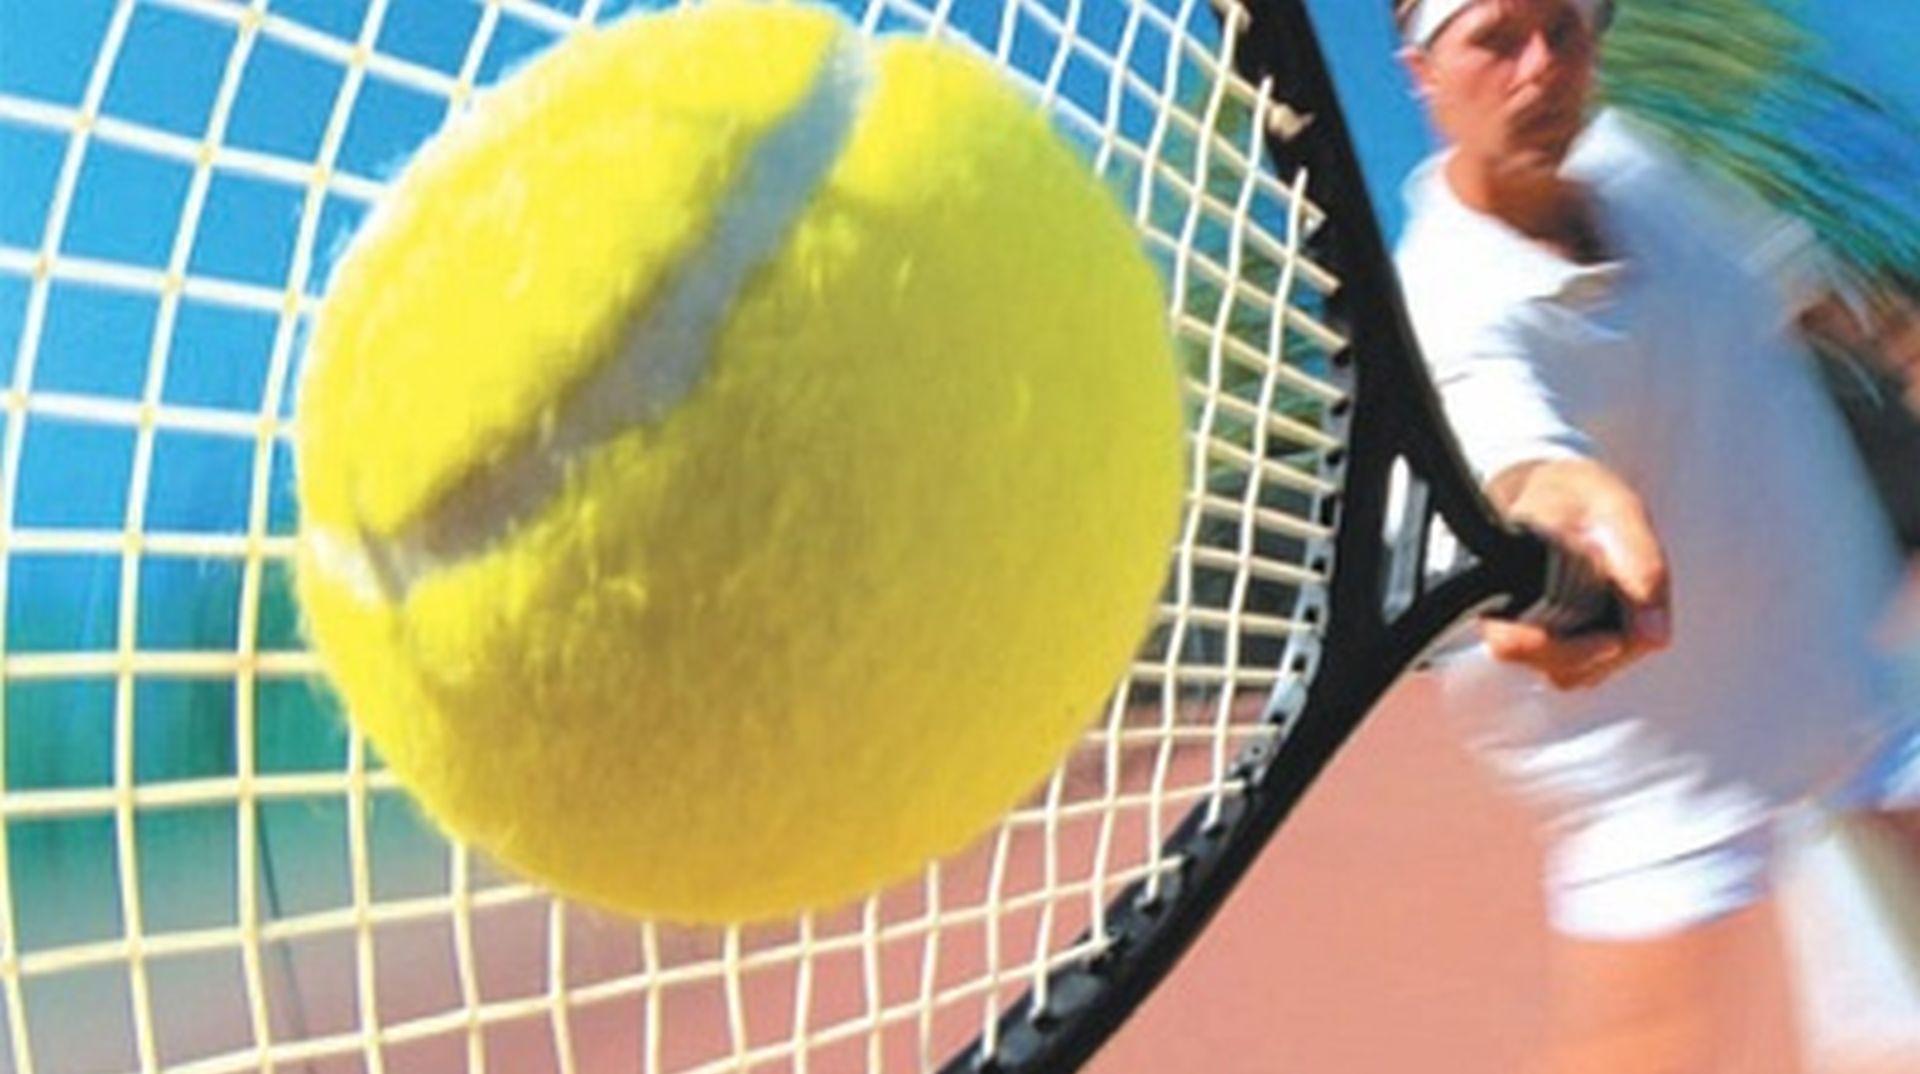 Nagy Sportágválasztó – Oldal 5 – Sportágválasztó Magazin